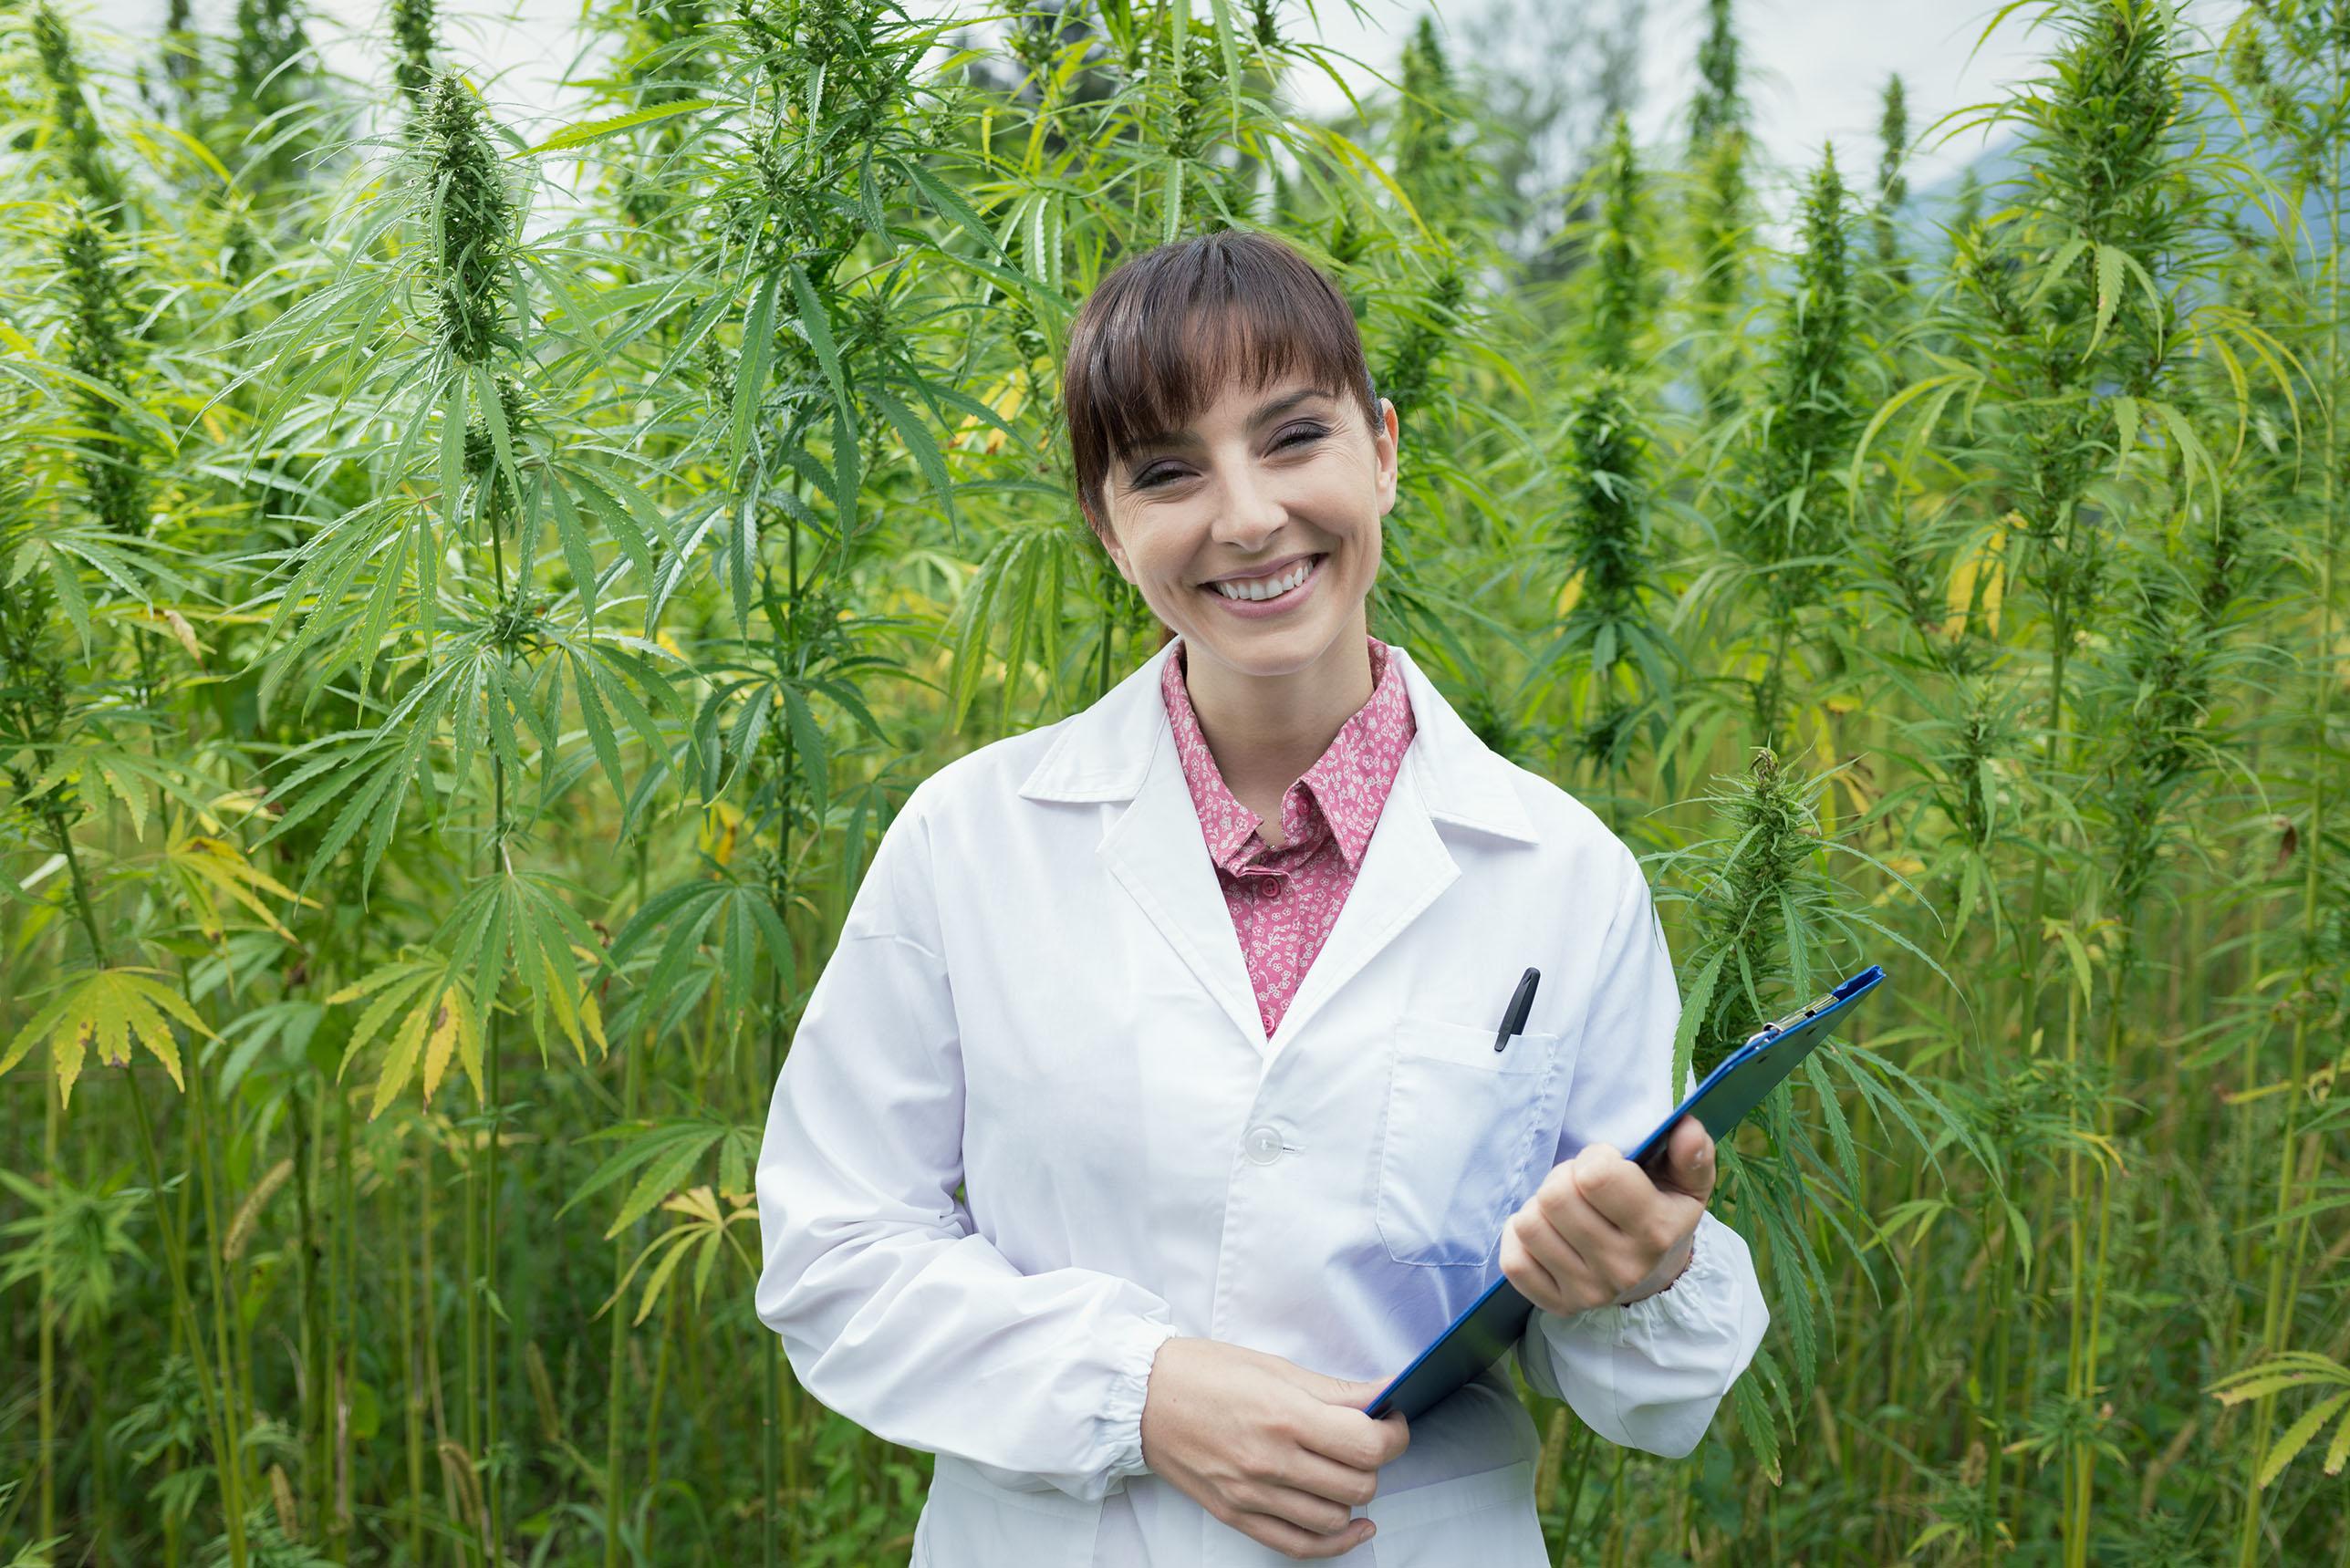 Scientist Cannabis